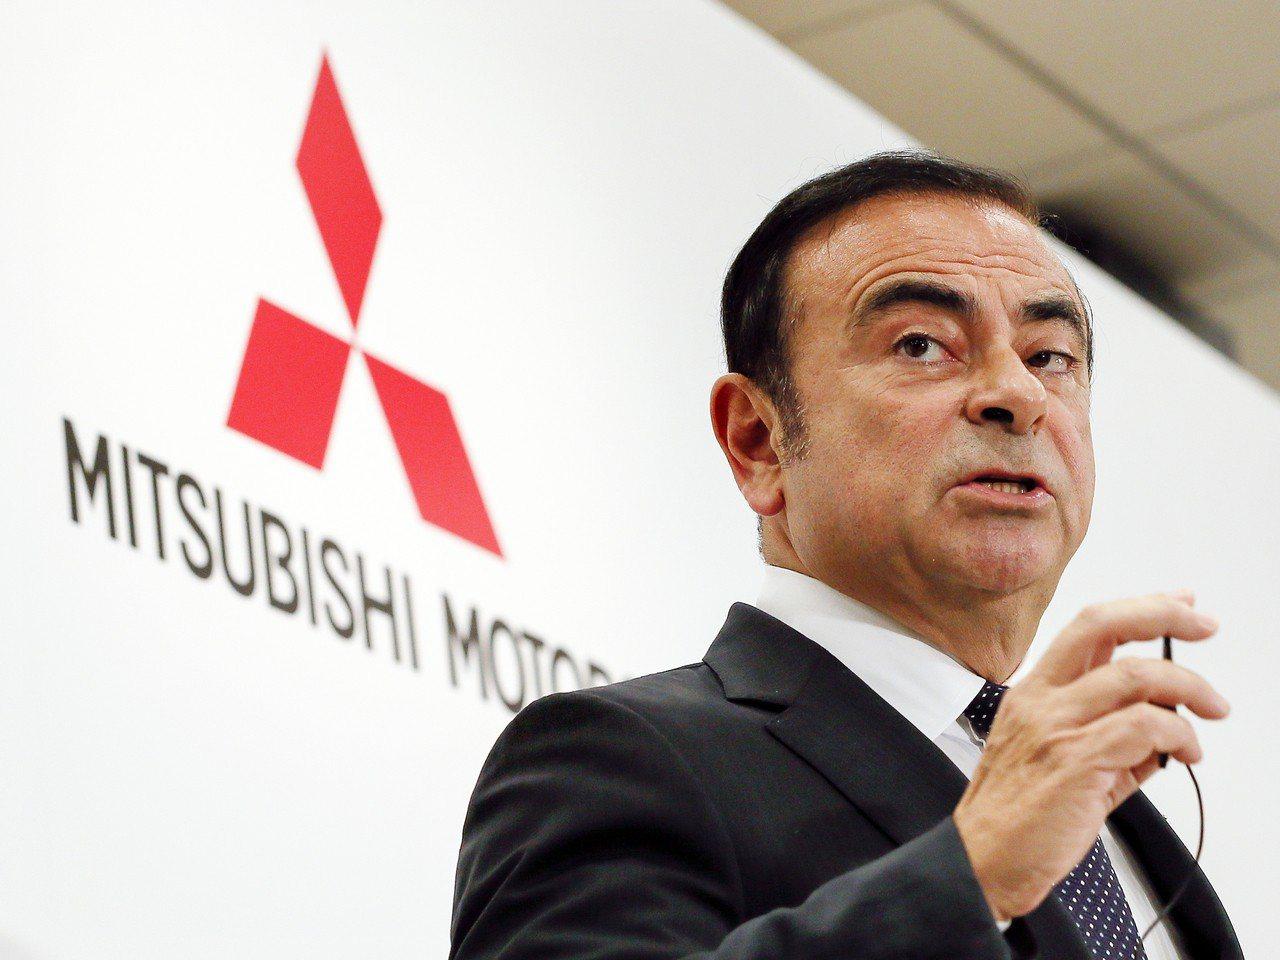 日本汽車大廠日產公司今(7日)宣布,因為新車檢查不合規定,計劃召回約15萬輛車。...